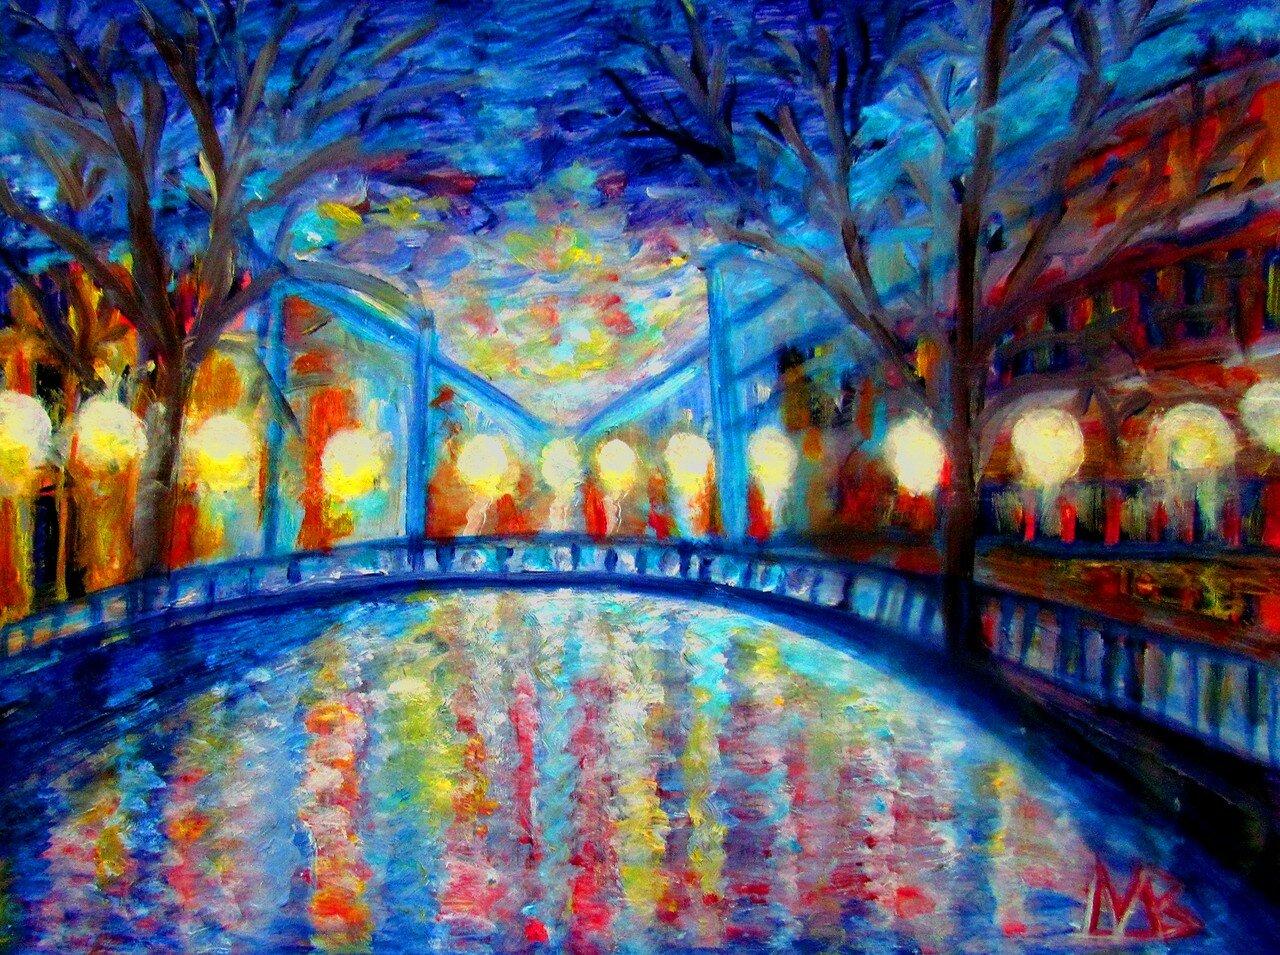 валентина маслова.мост мира и просветления.jpg